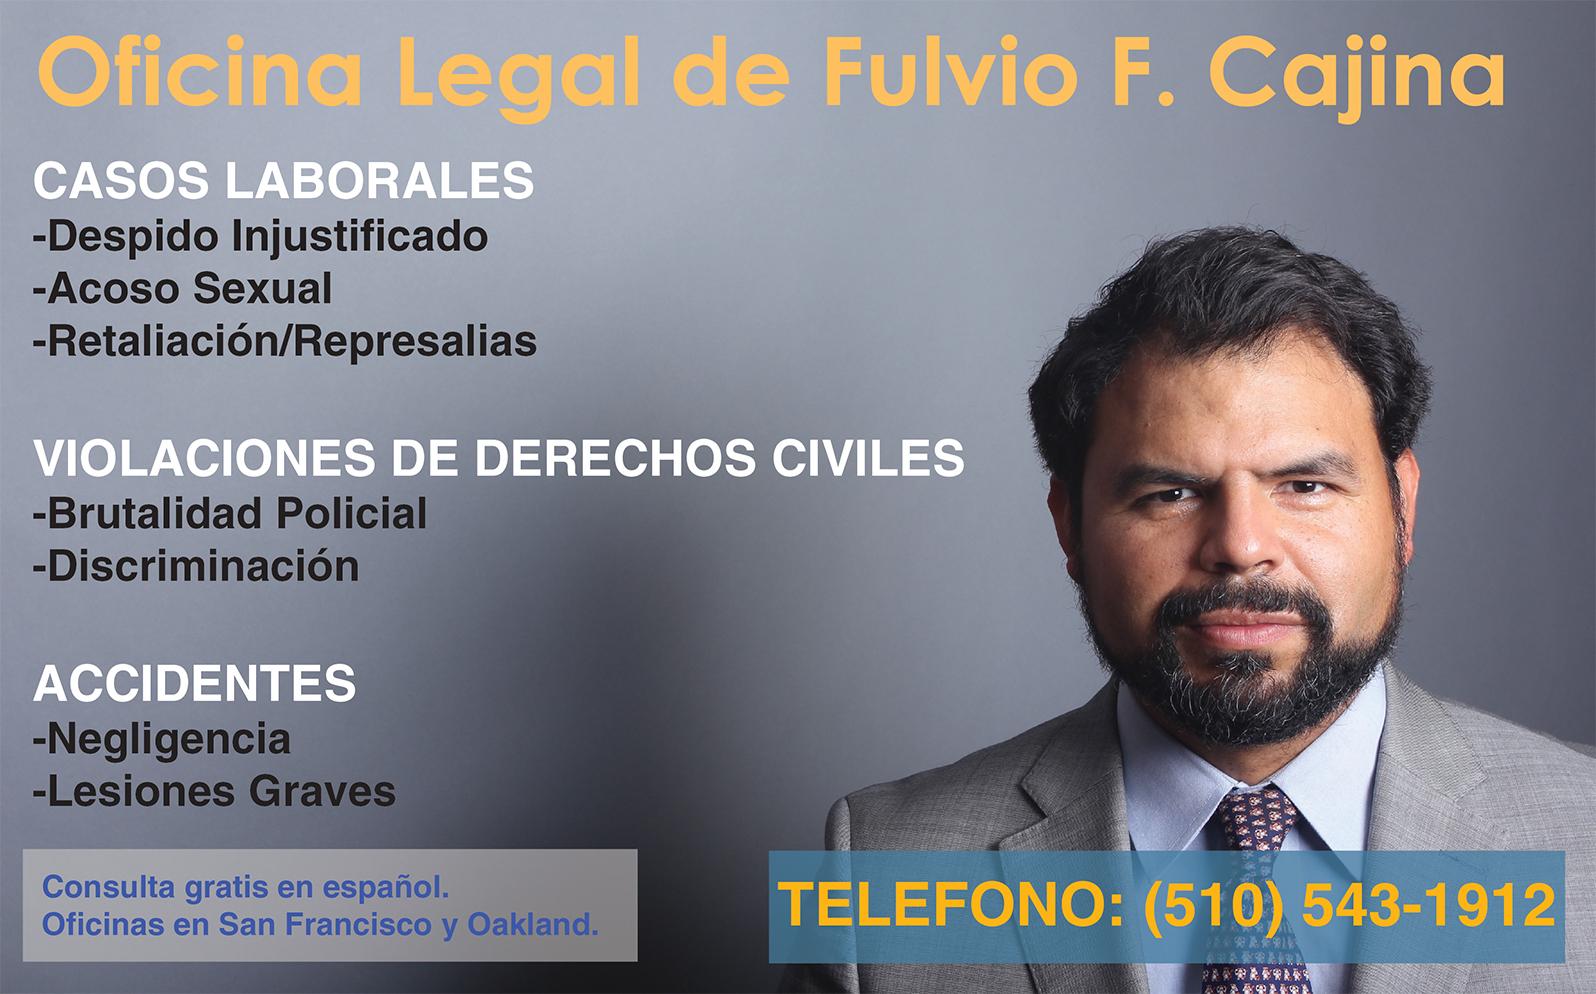 Fulvio F Cajina - Oficina Legal 1-2 Pag DICIEMBRE 2015-01.jpg